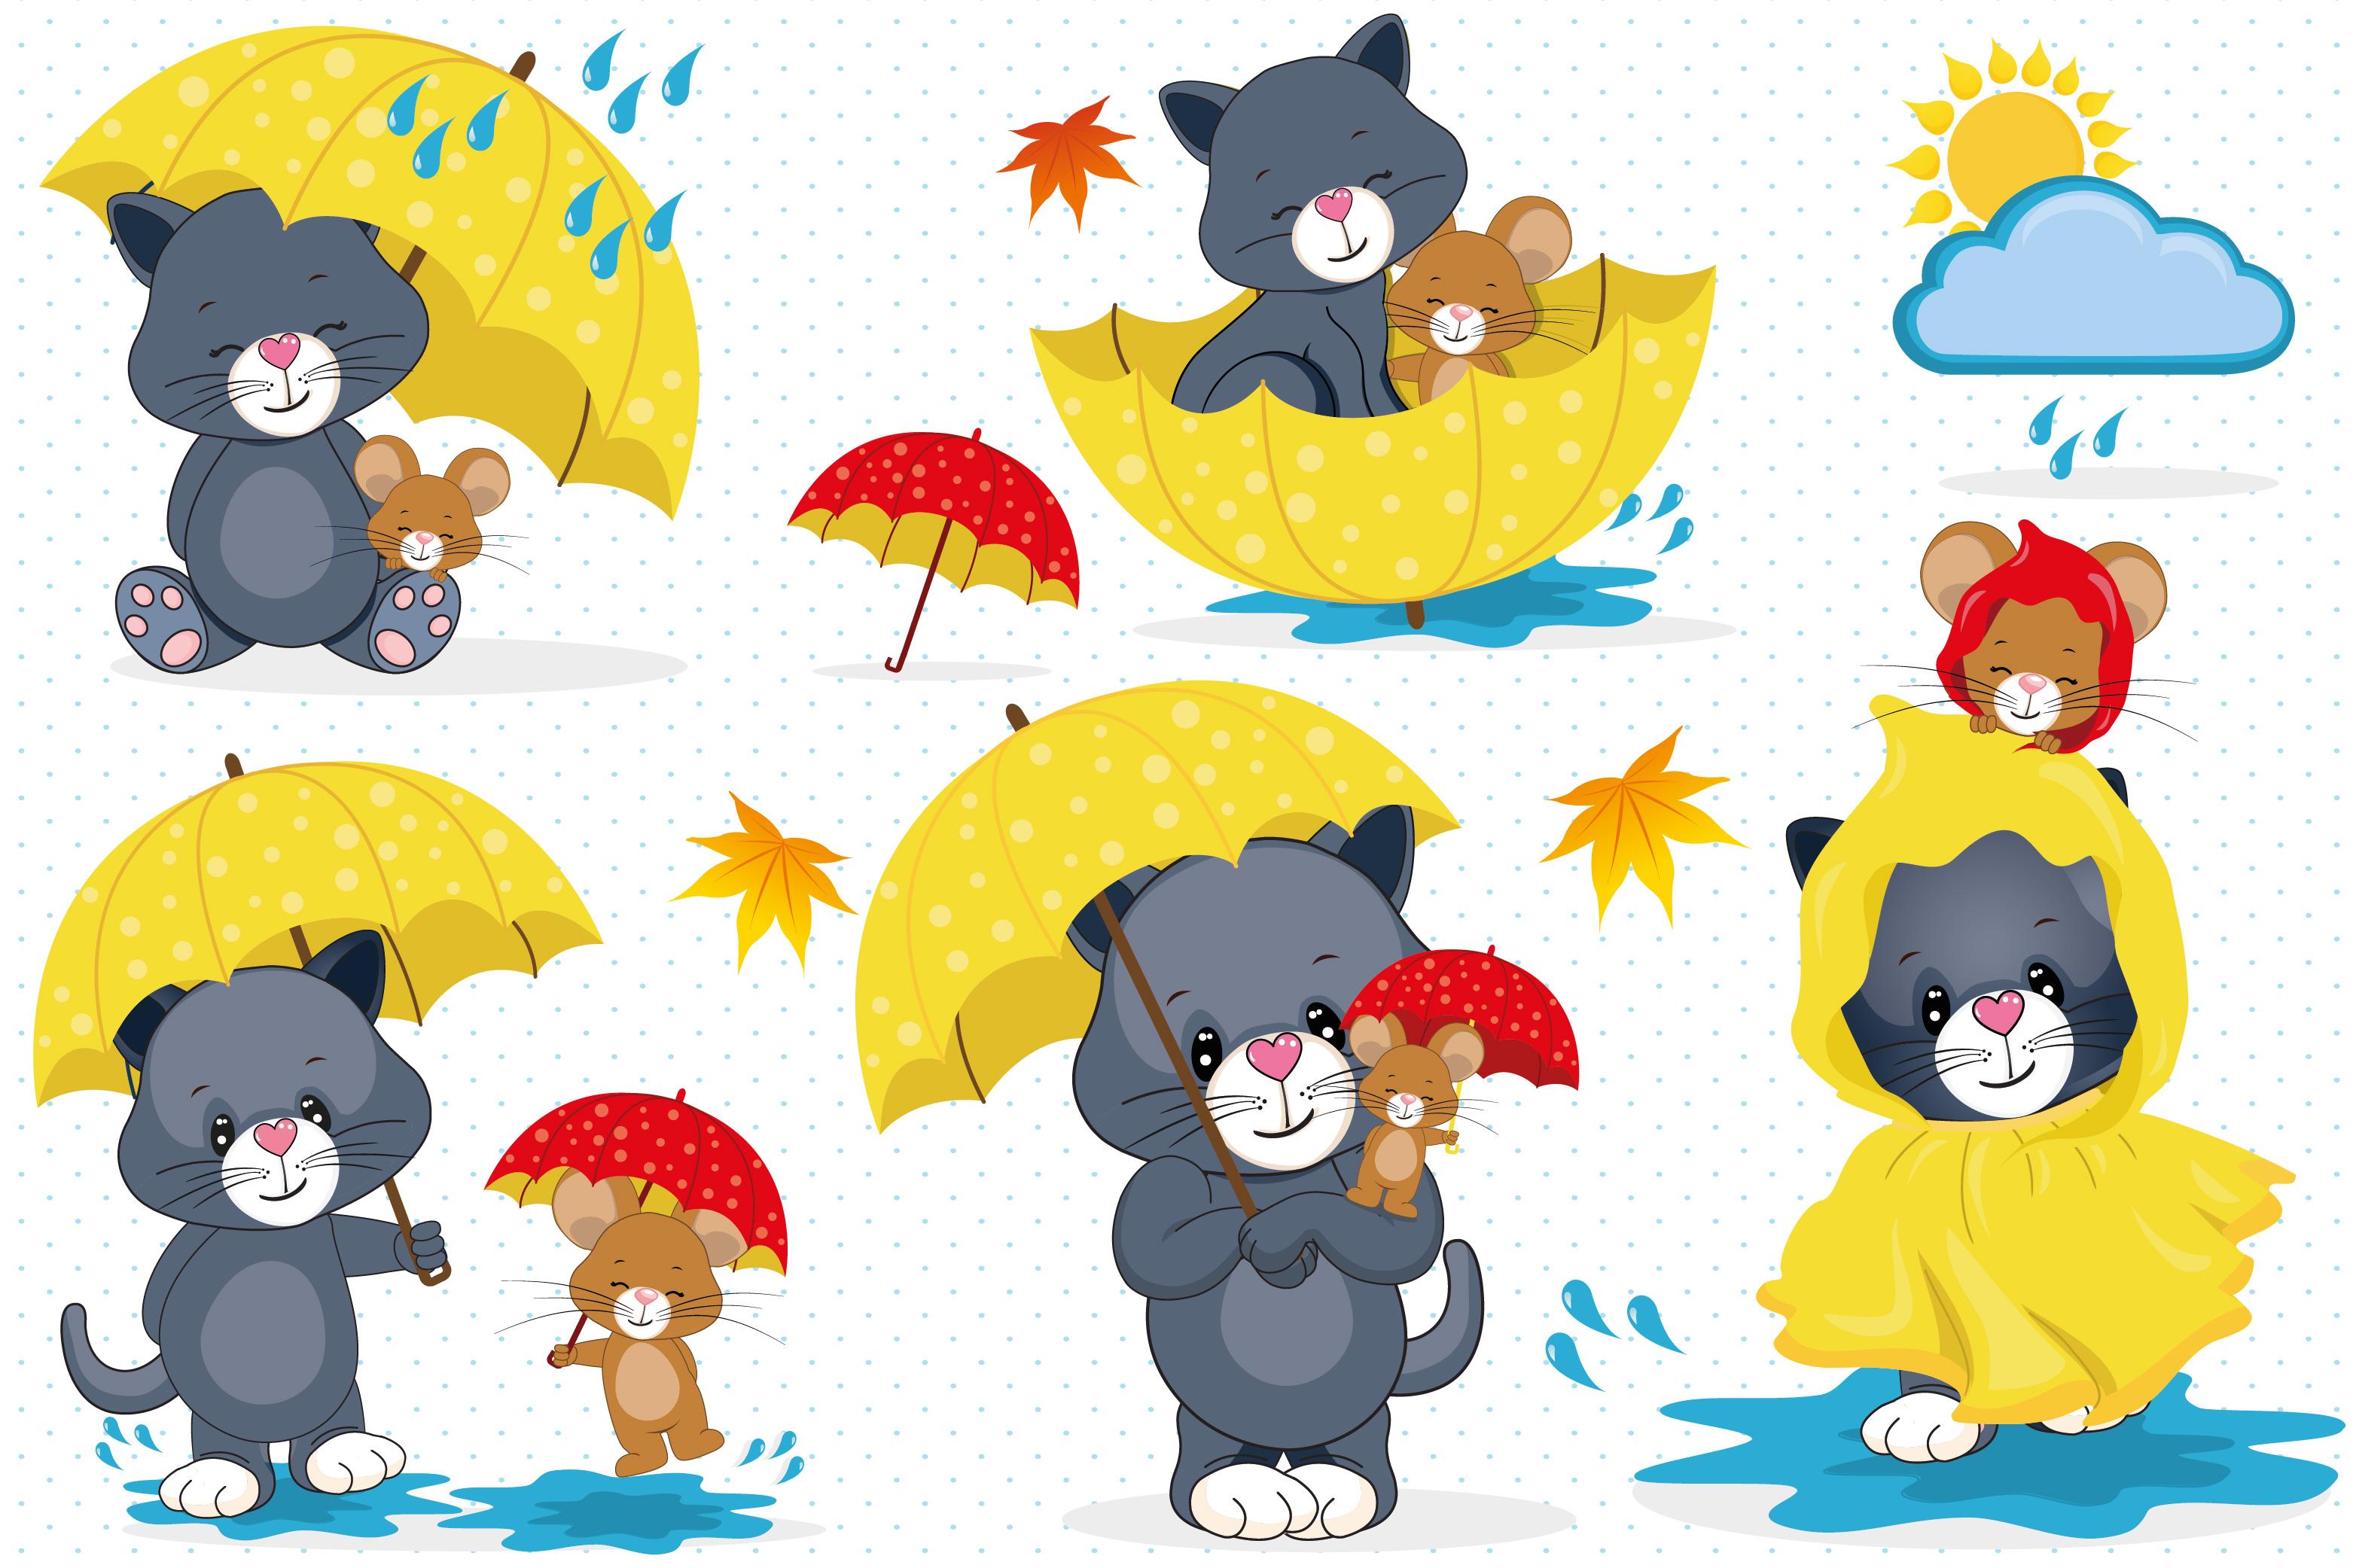 Rainy day clipart, Rainy day illustrations